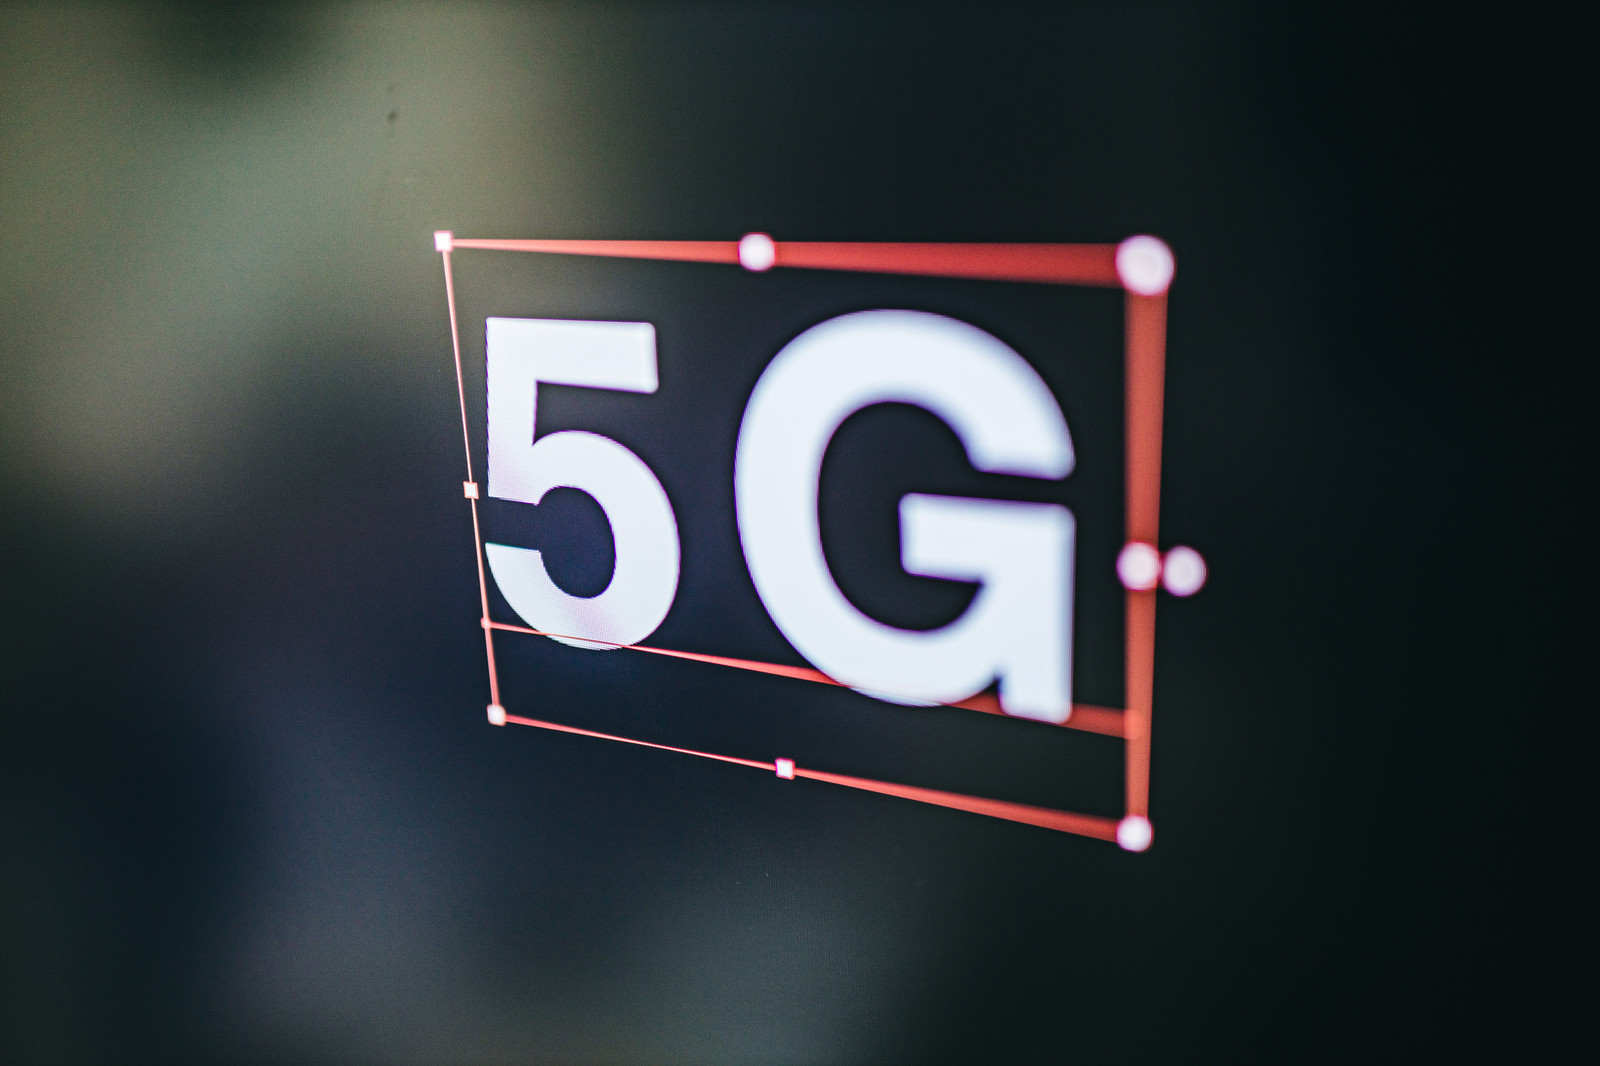 「「5G」を選択」の写真